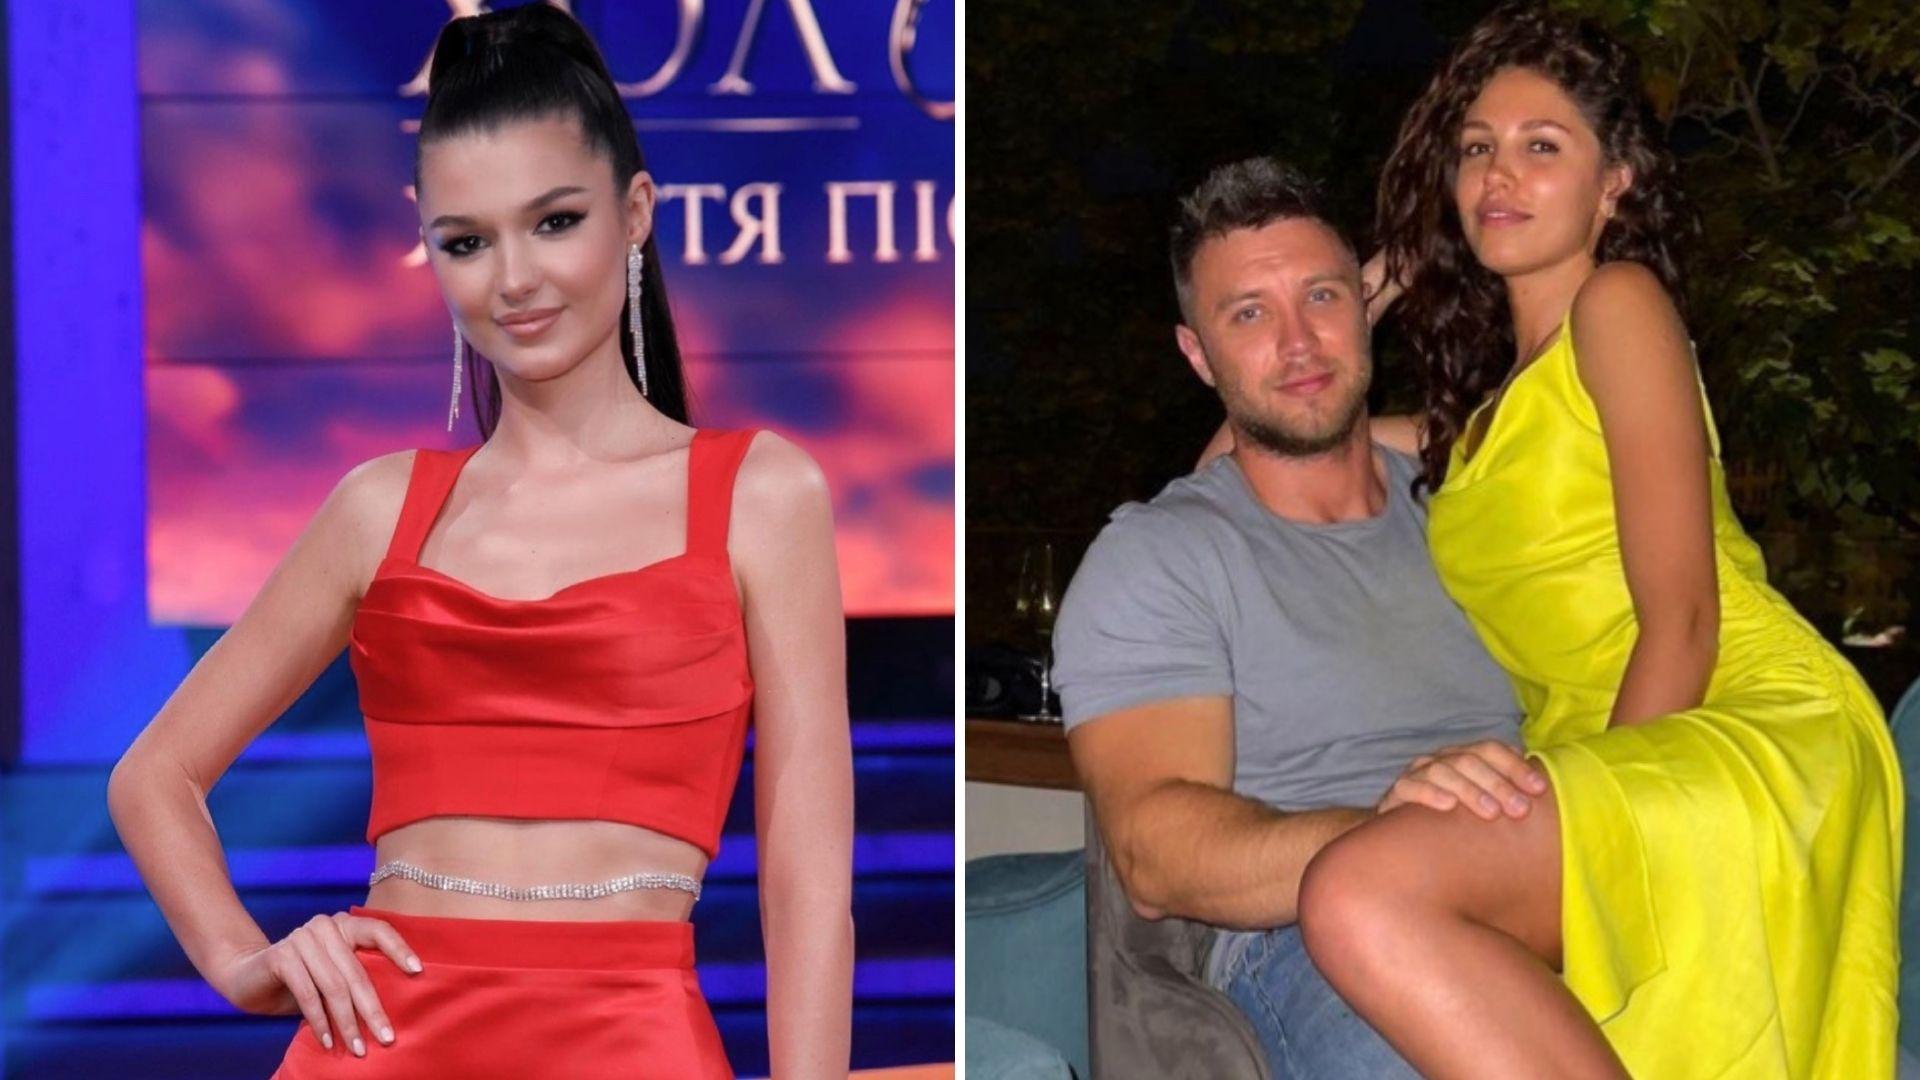 Юлія Зайка, Михайло Заливако та Анна Богдан